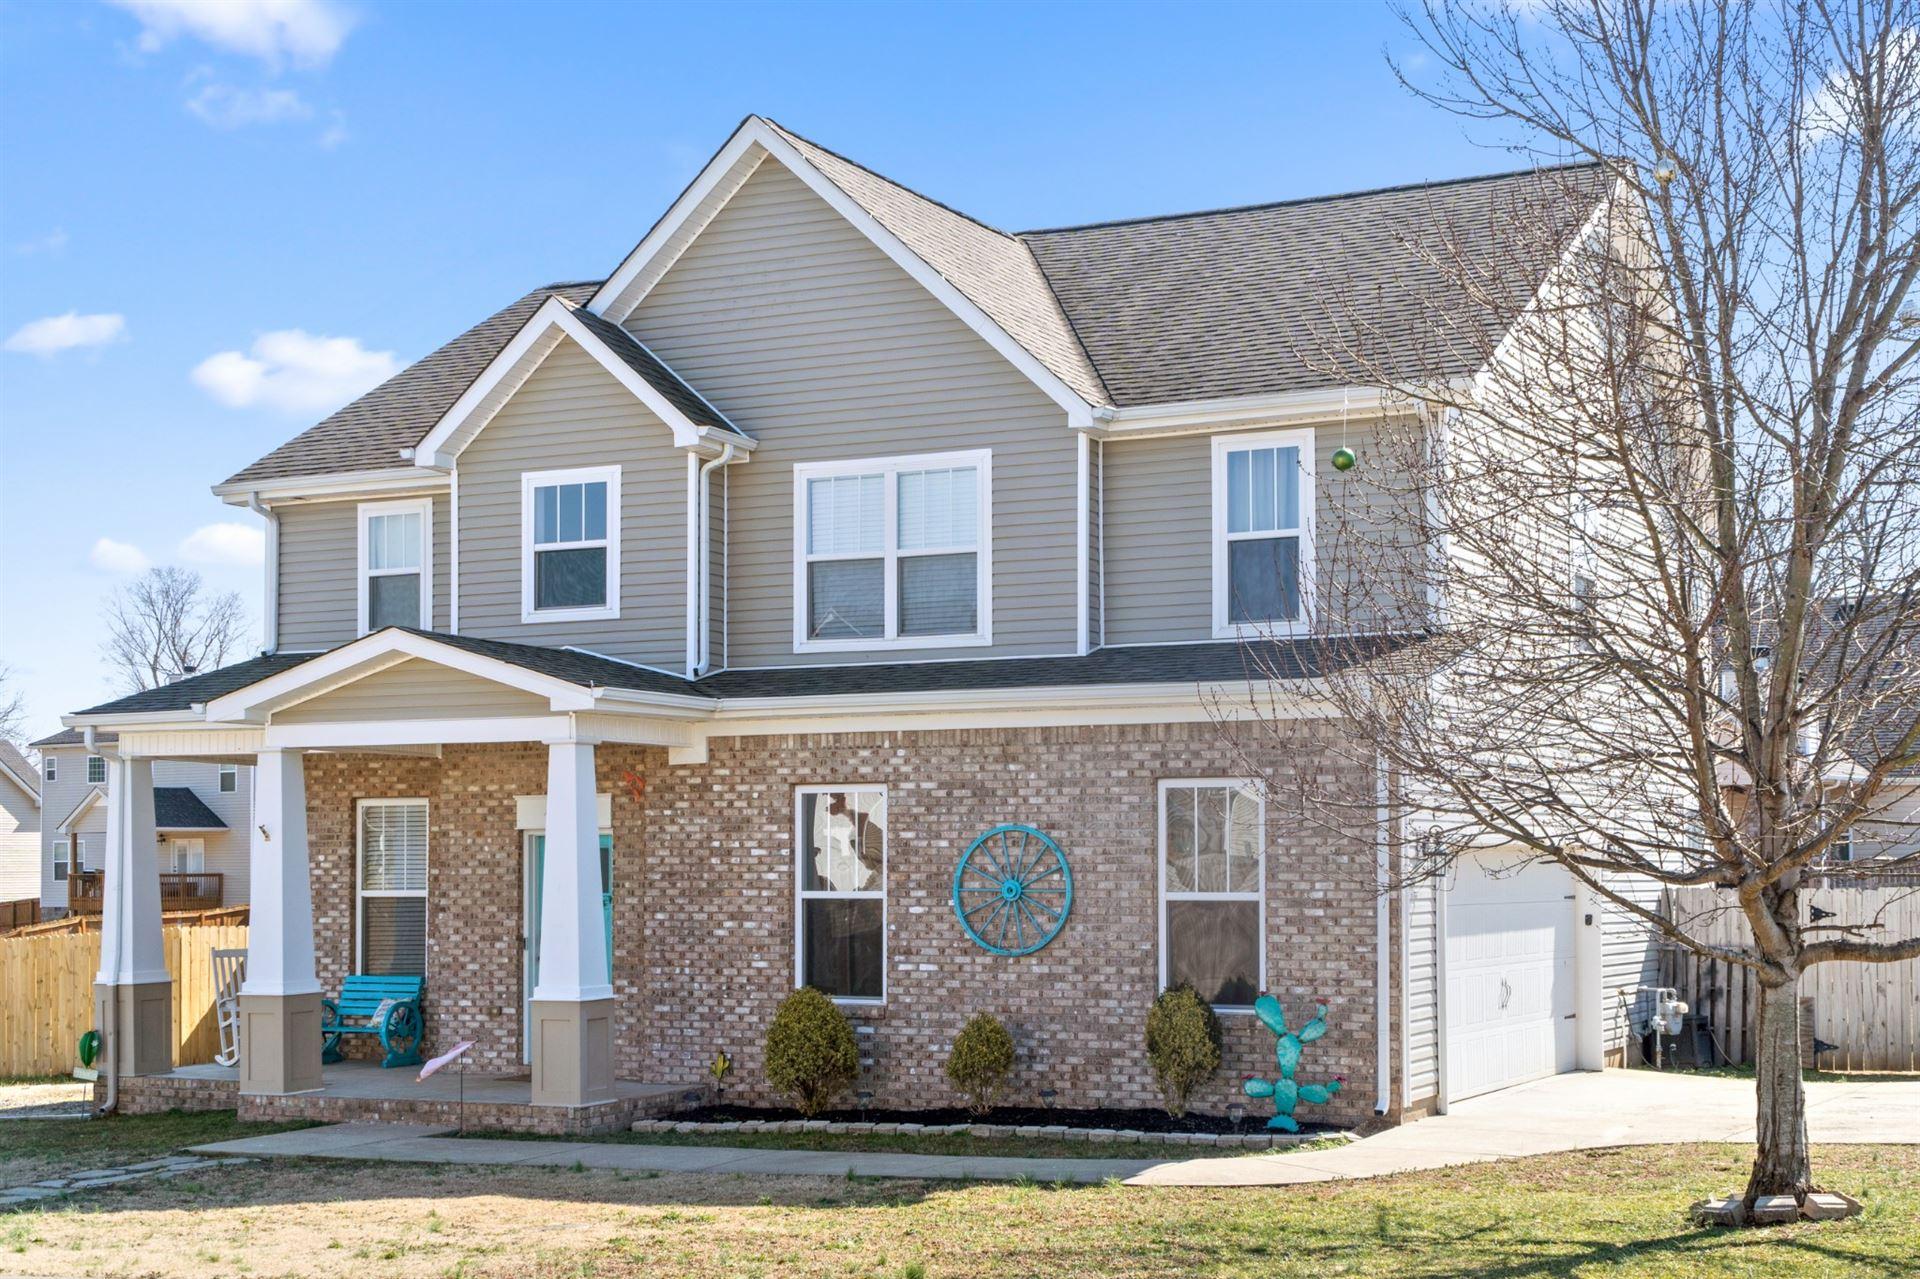 3509 Spring House Trl, Clarksville, TN 37040 - MLS#: 2231668